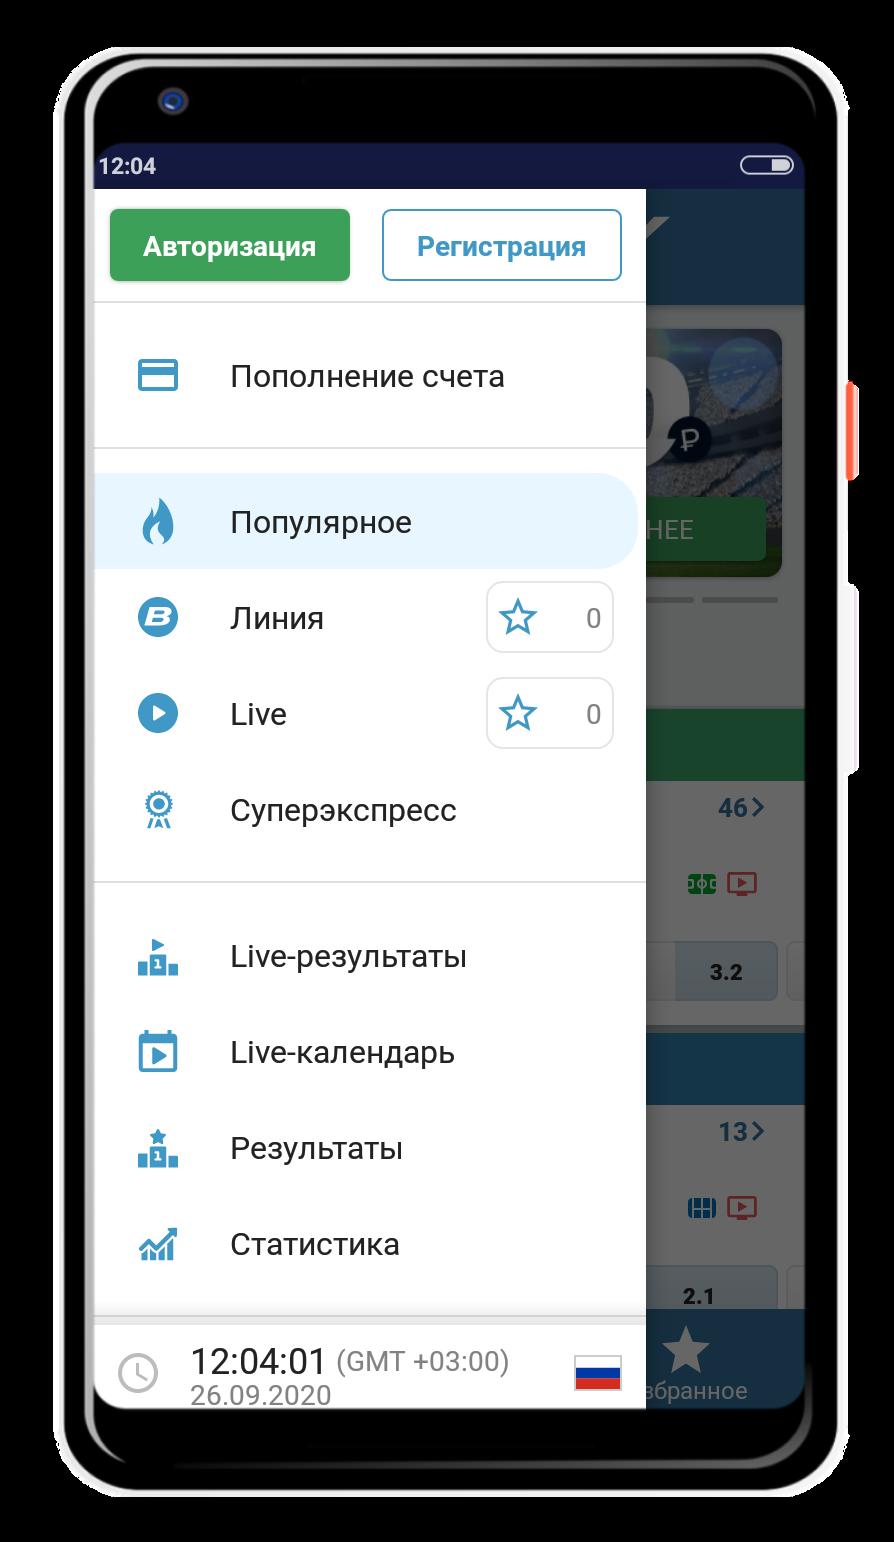 меню приложения android betcity